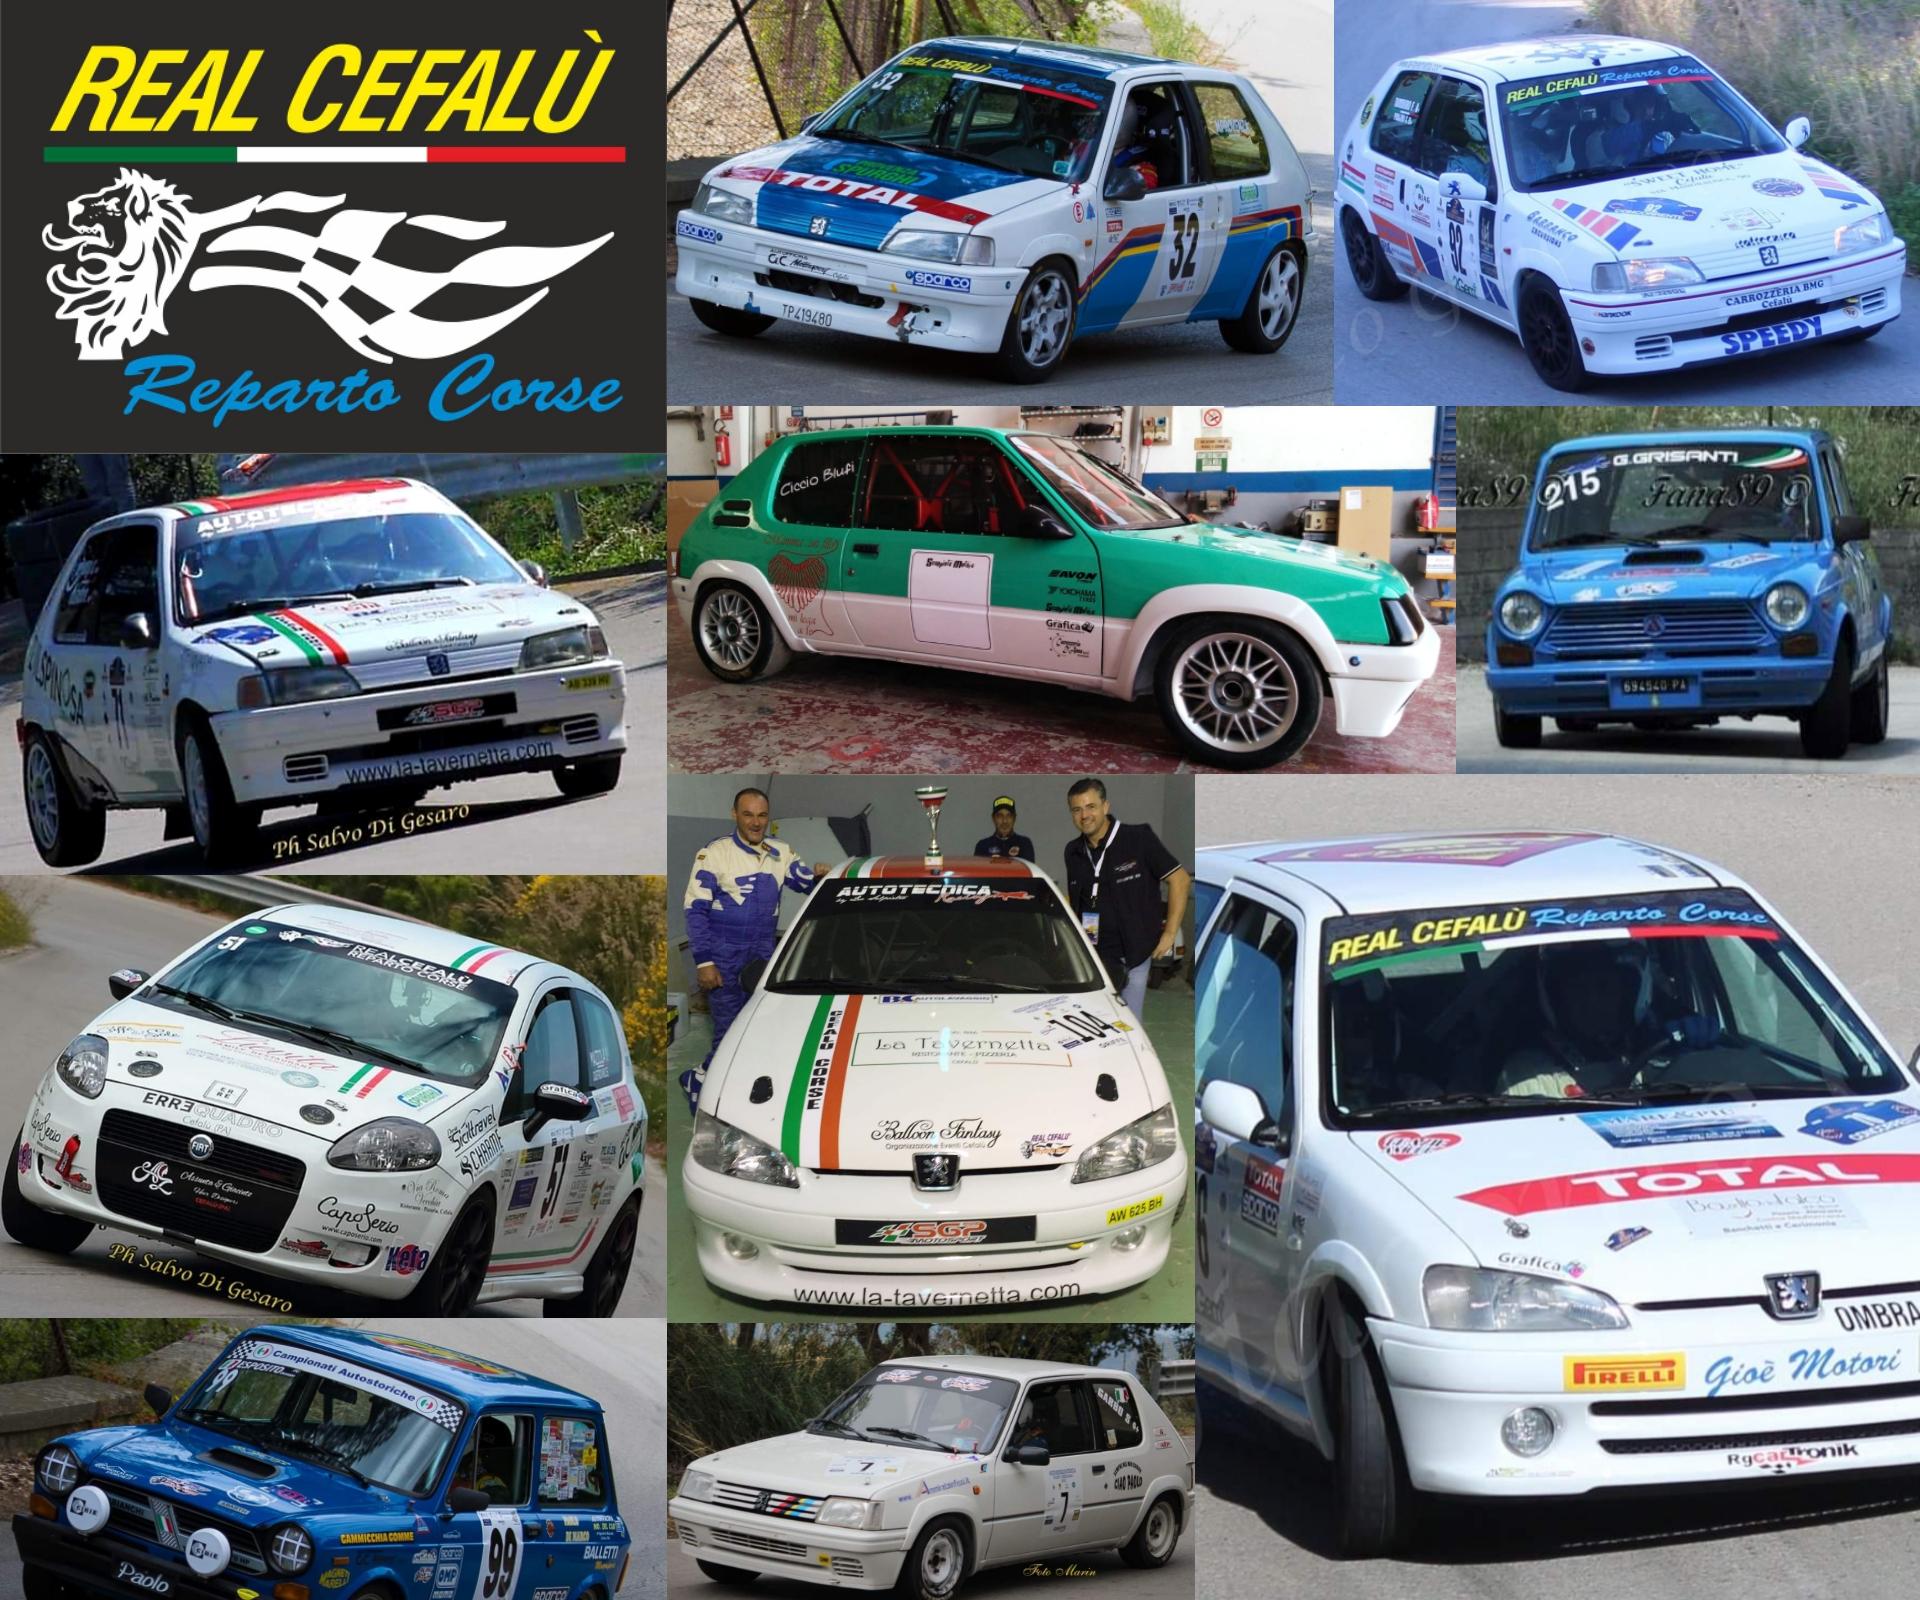 Il Real Cefalù Reparto Corse presente in massa allo all'autoslalom di Castelbuono